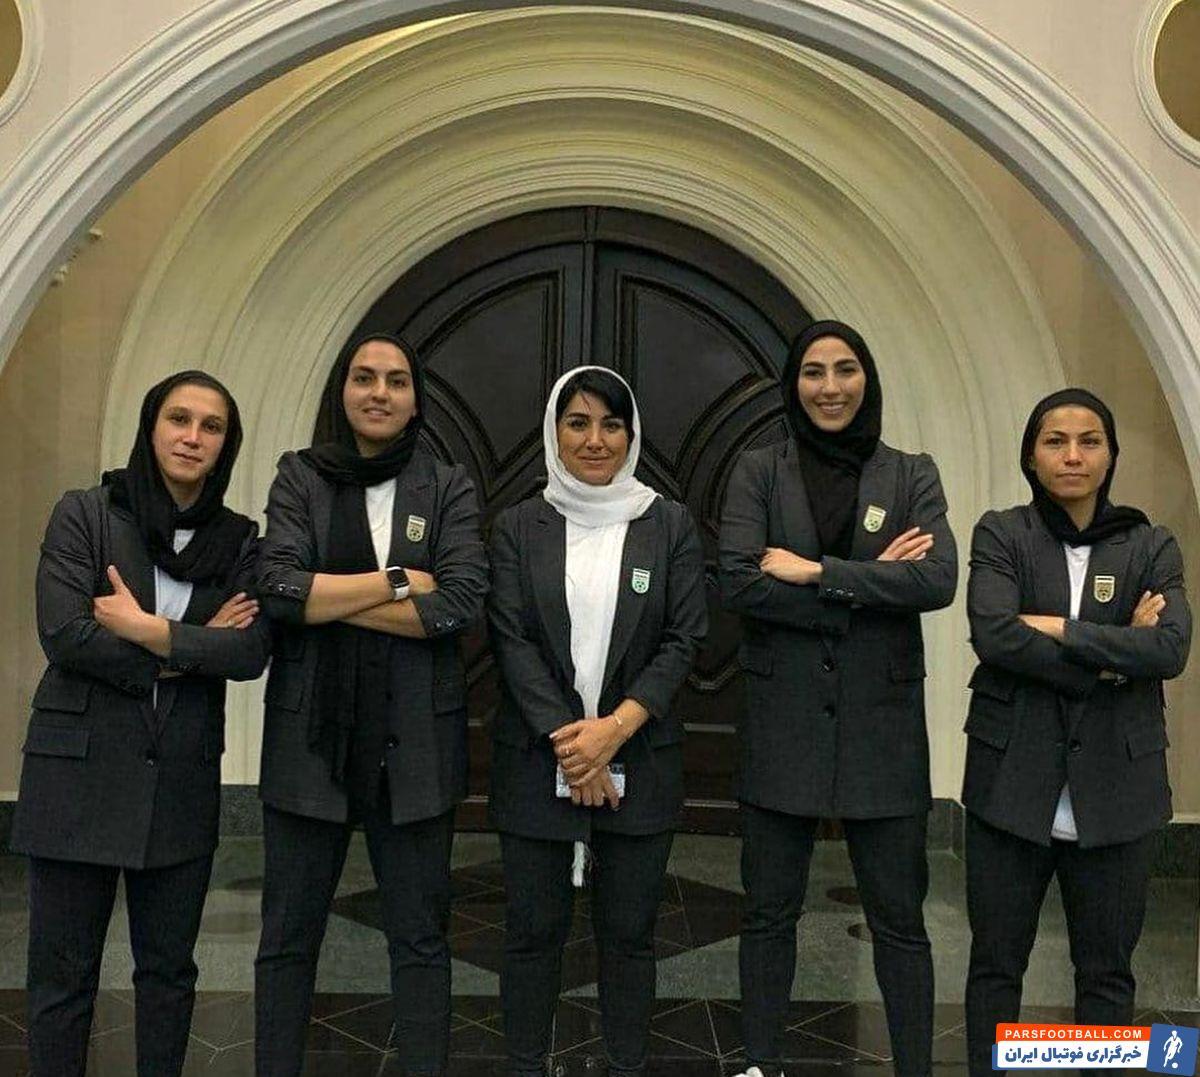 زهرا قنبری ستاره تیم ملی فوتبال زنان معتقد است با صعود تاریخی این تیم به جام ملت ها همه از این تیم توقعات بیشتری دارند.